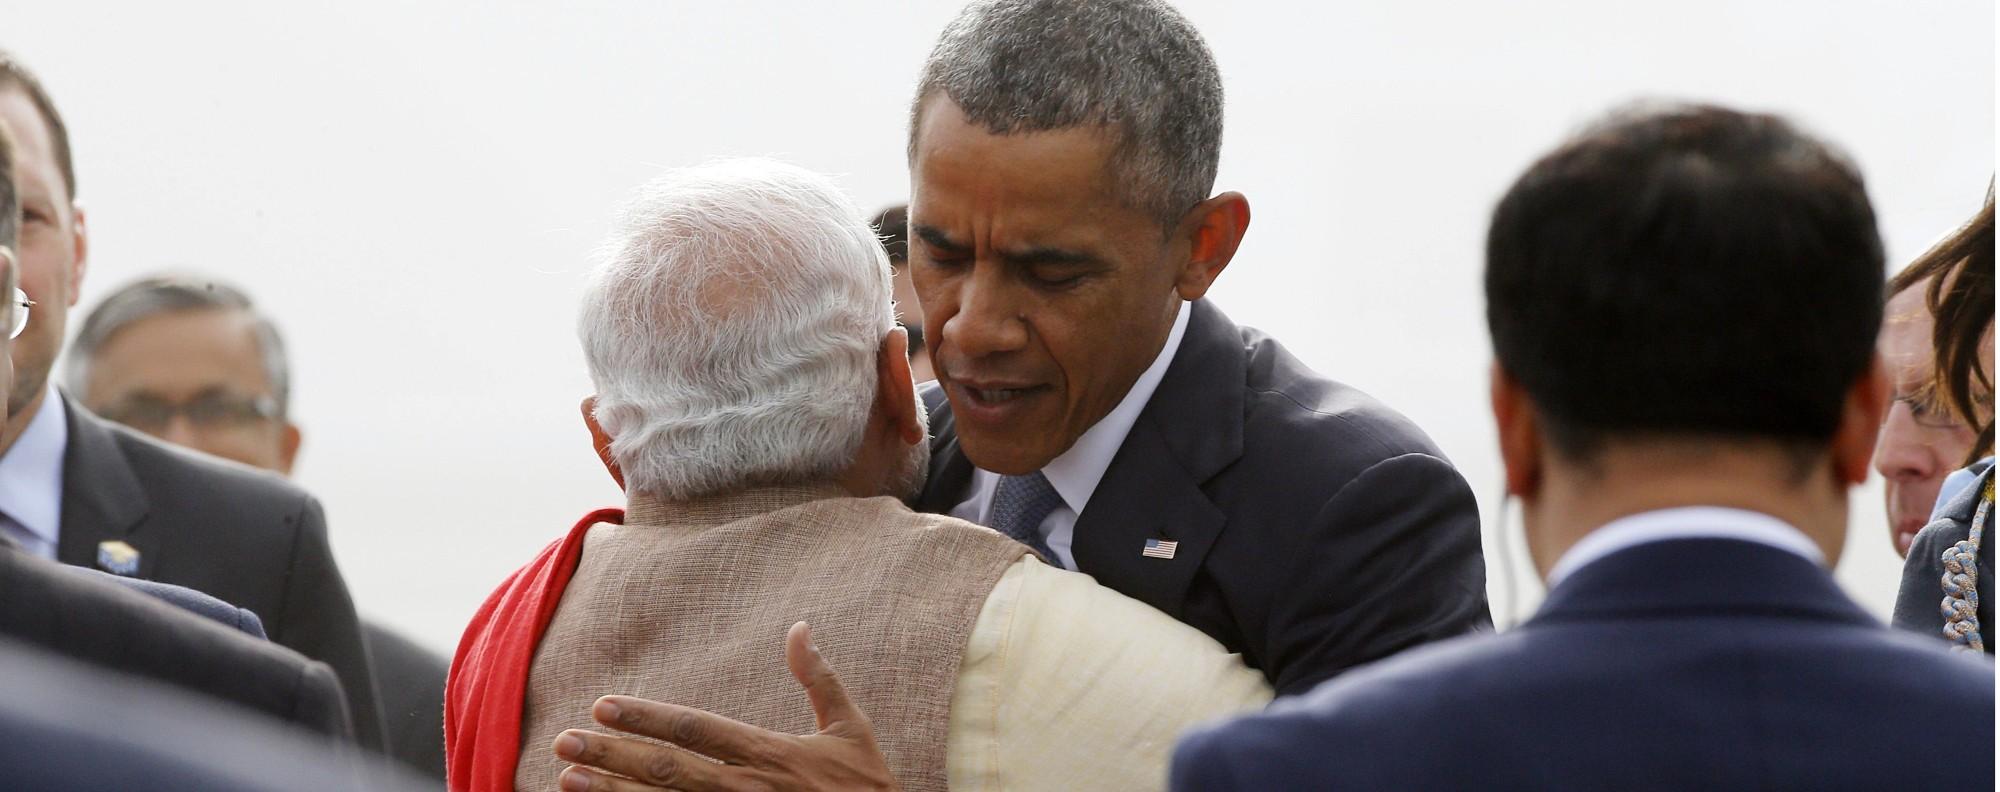 US President Barack Obama hugs India's Prime Minister Narendra Modi. Photo: Reuters